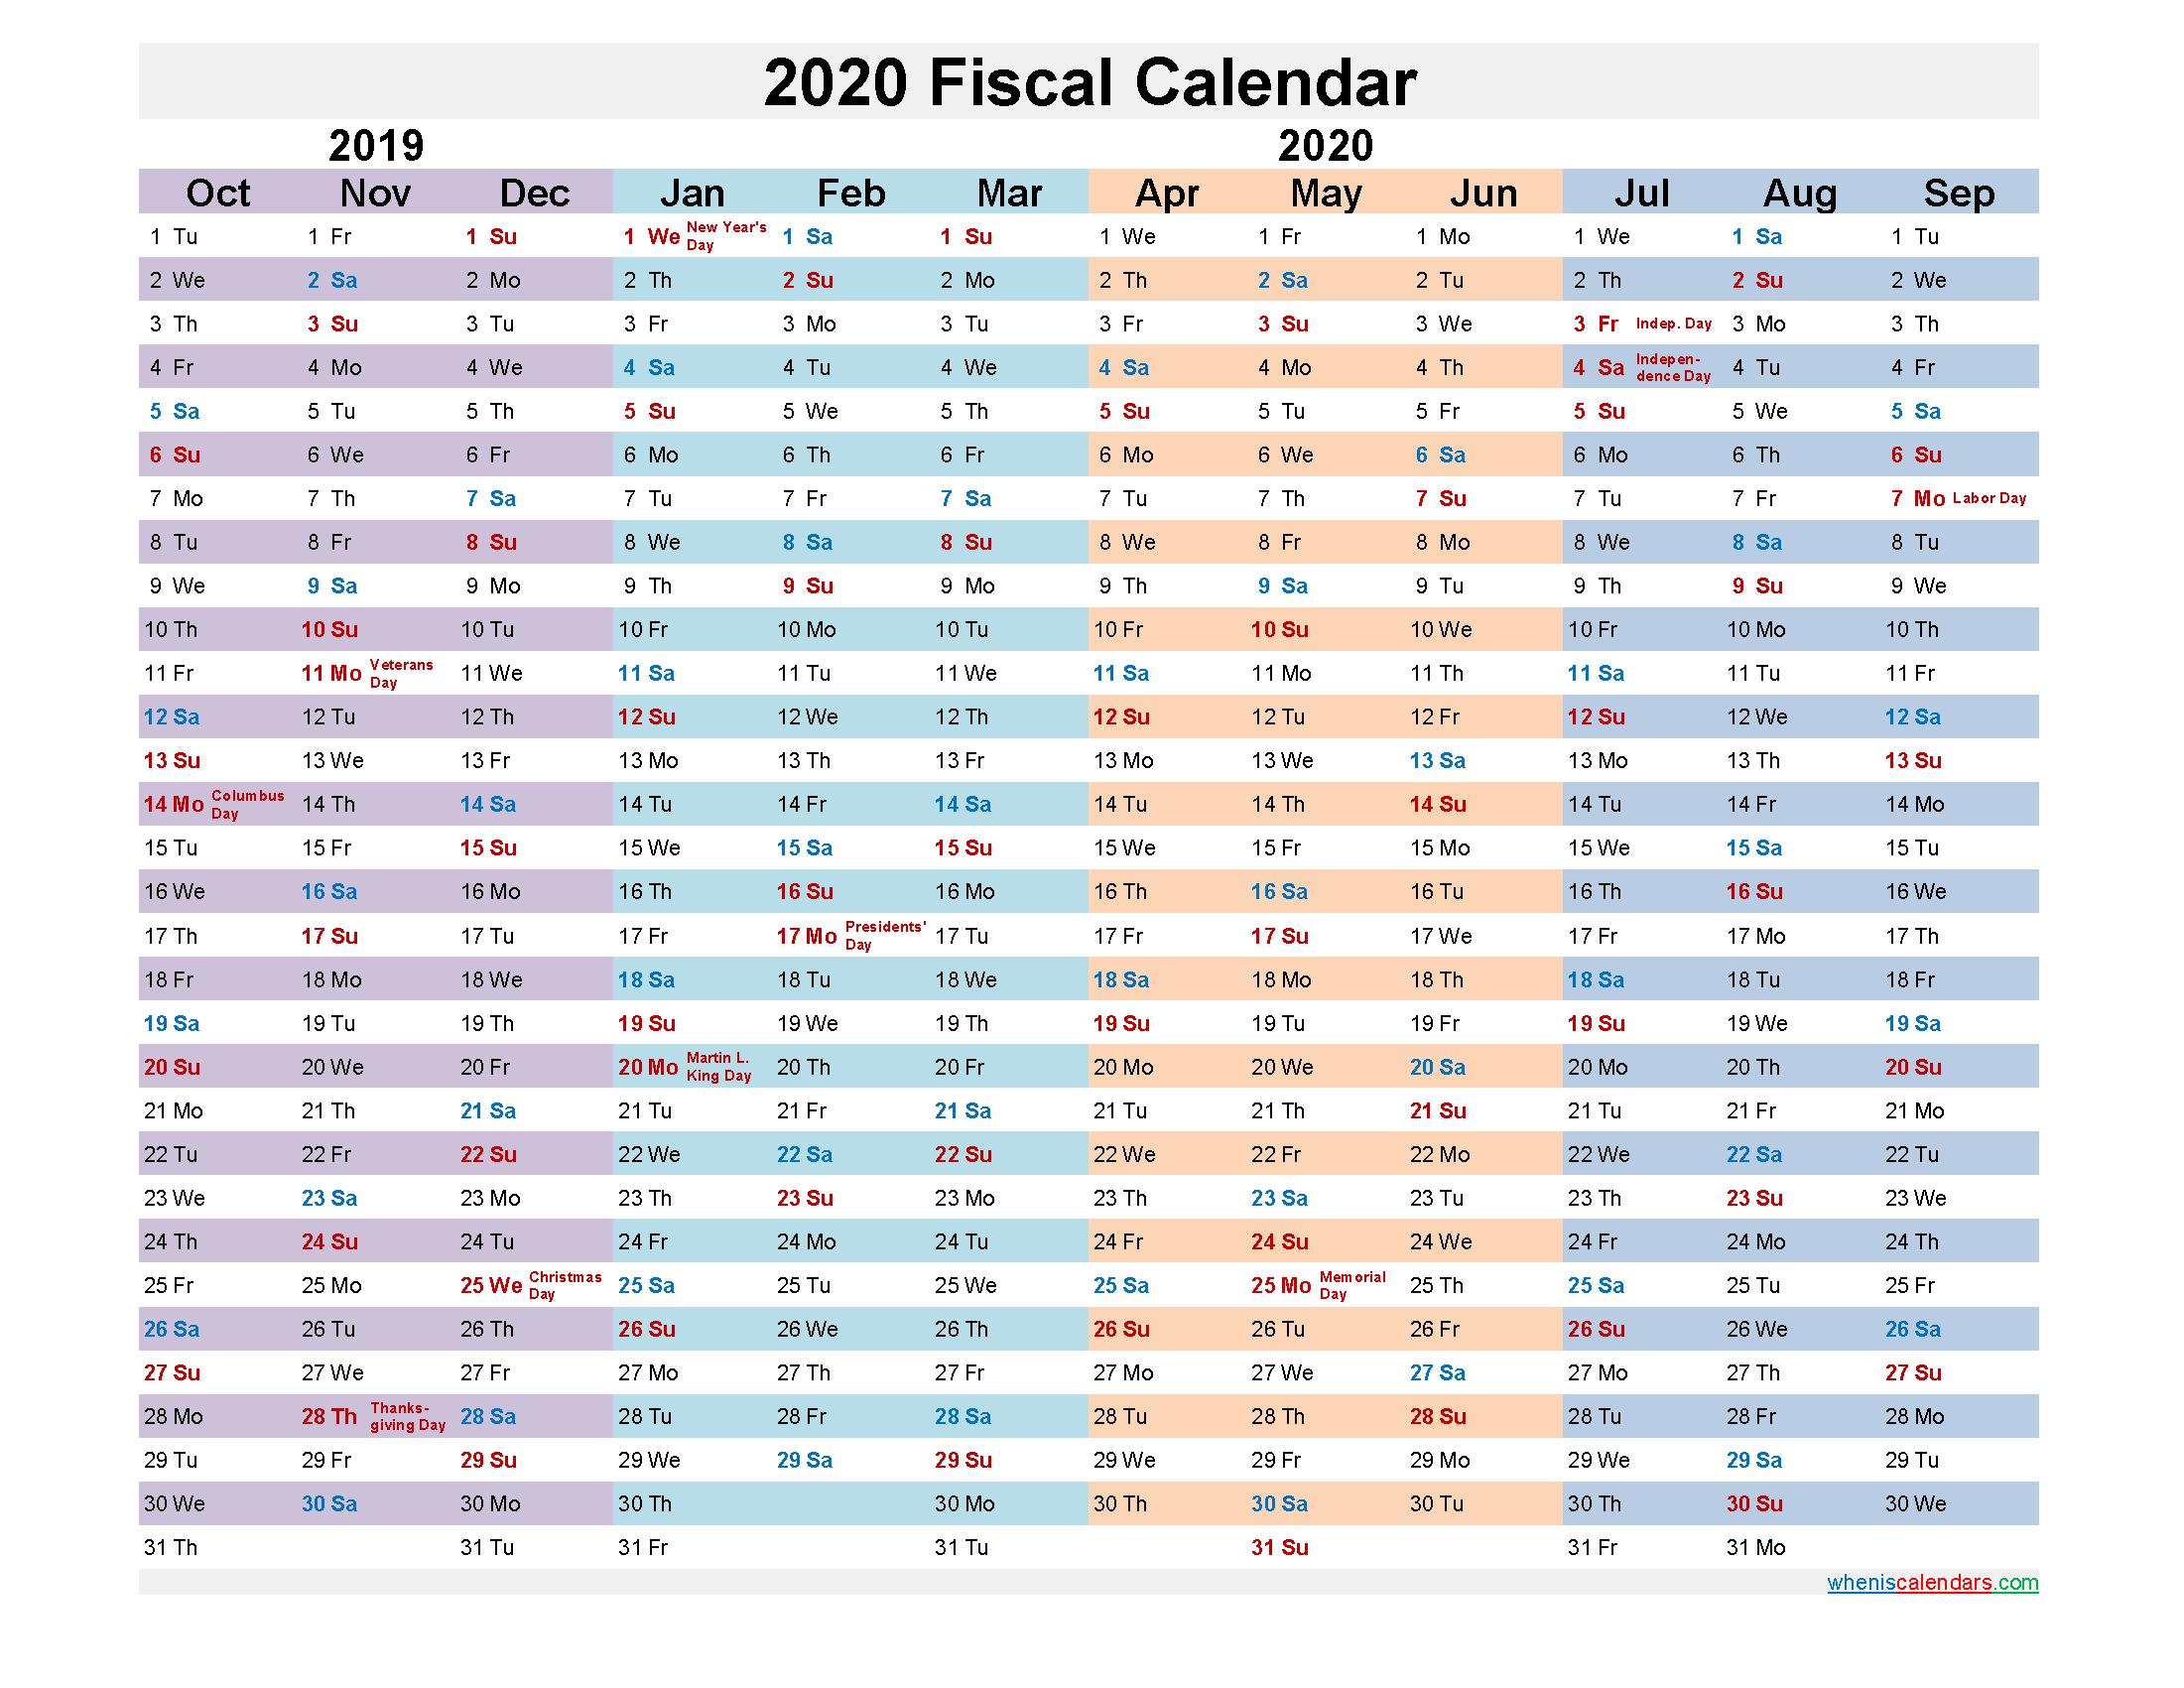 2020 Fiscal Calendar